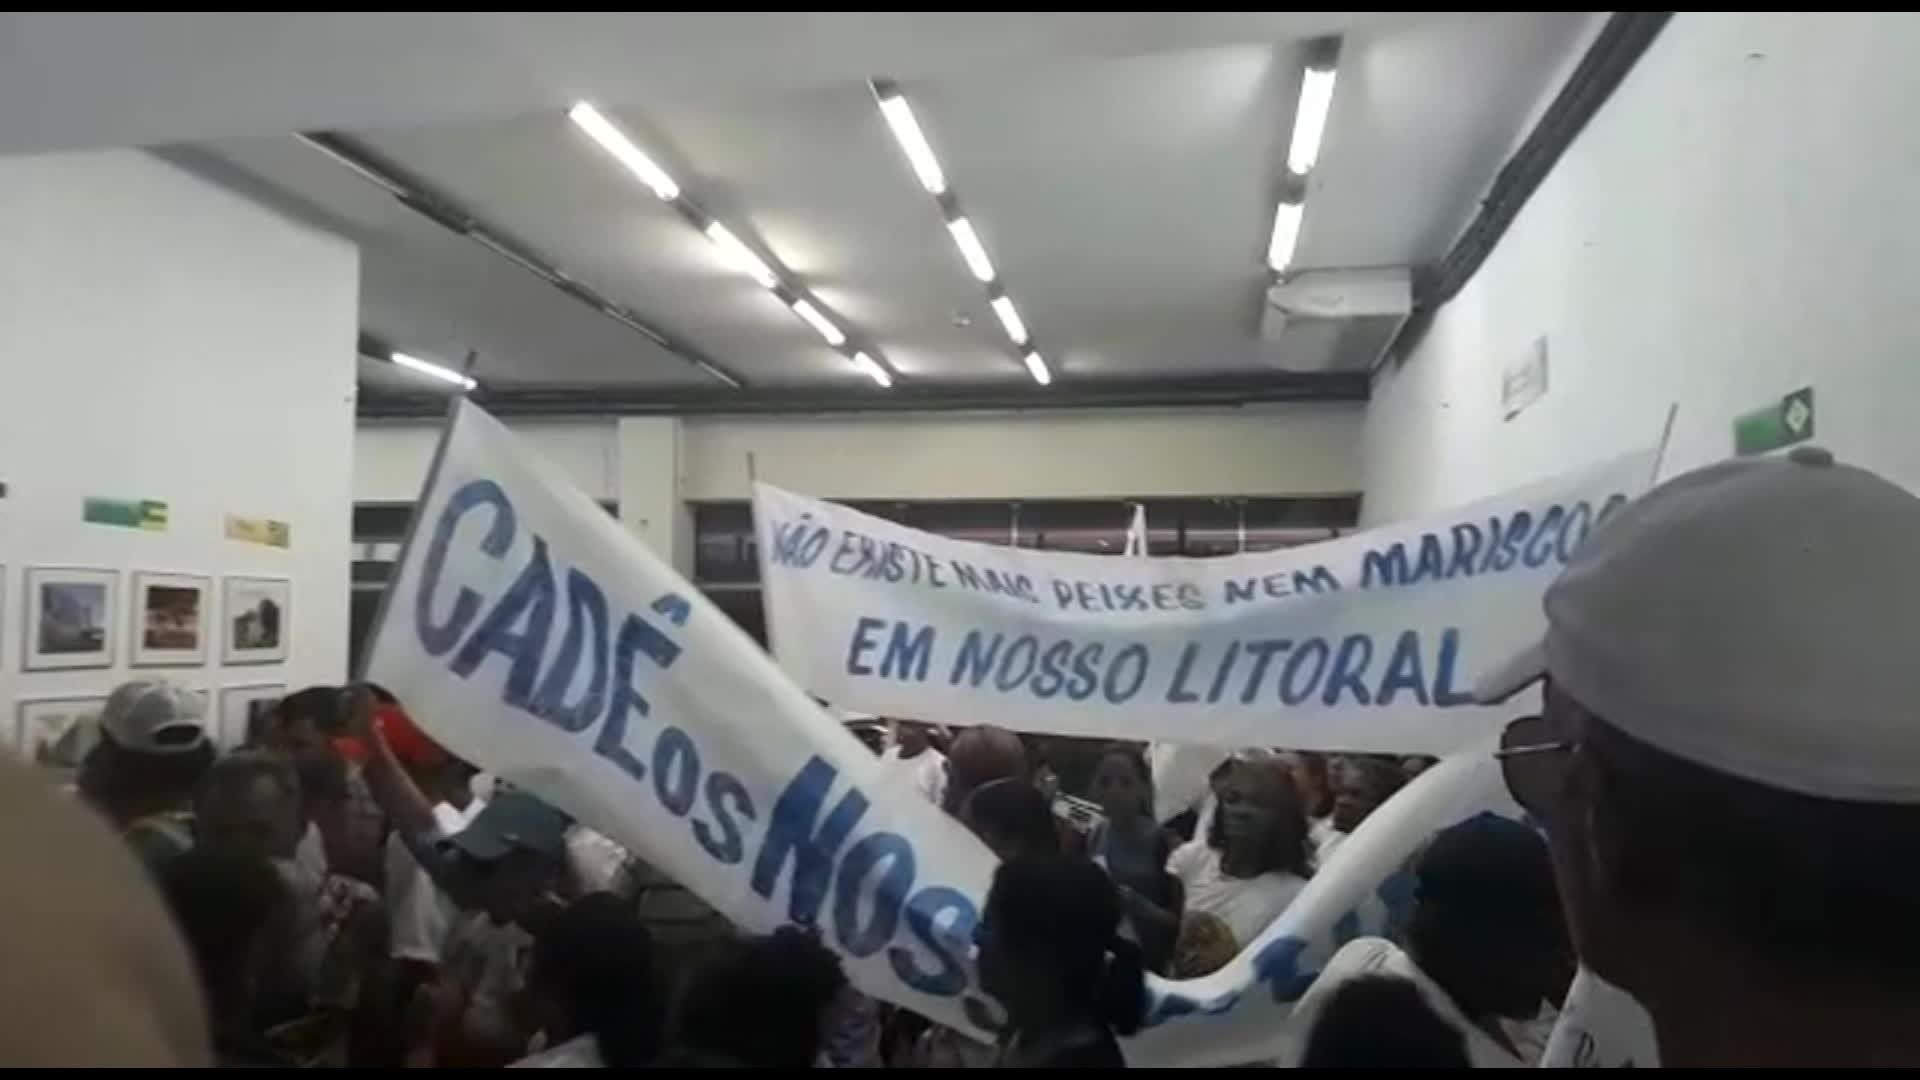 Pescadores pedem pagamento do seguro-defeso durante protesto na sede do INSS no Recife - Notícias - Plantão Diário